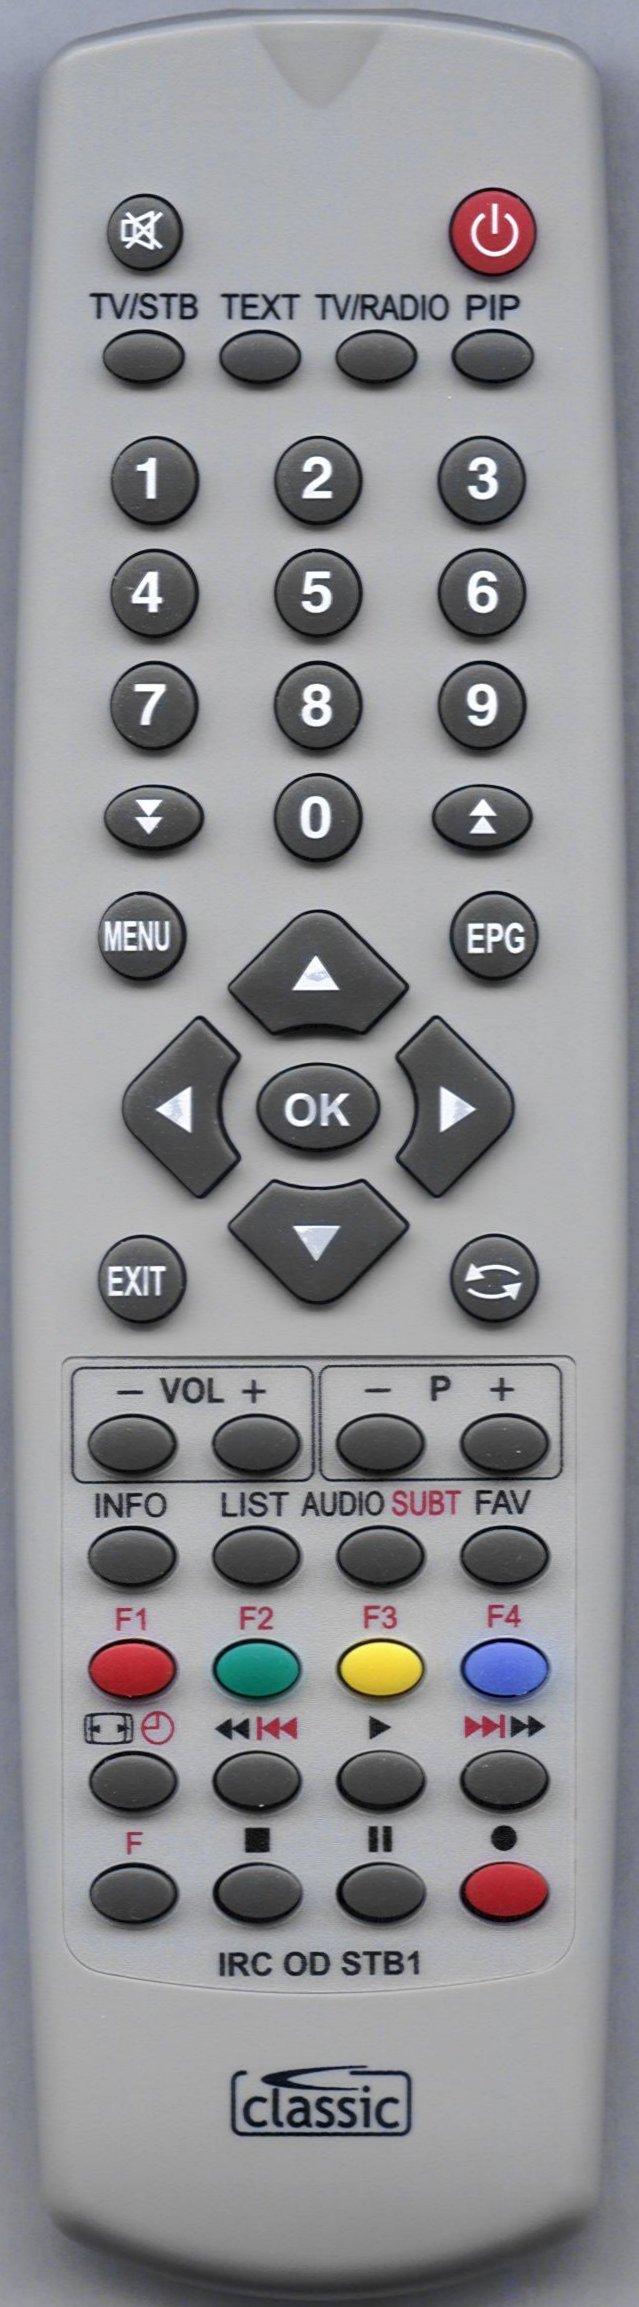 TOPFIELD TF 3000FEI Remote Control